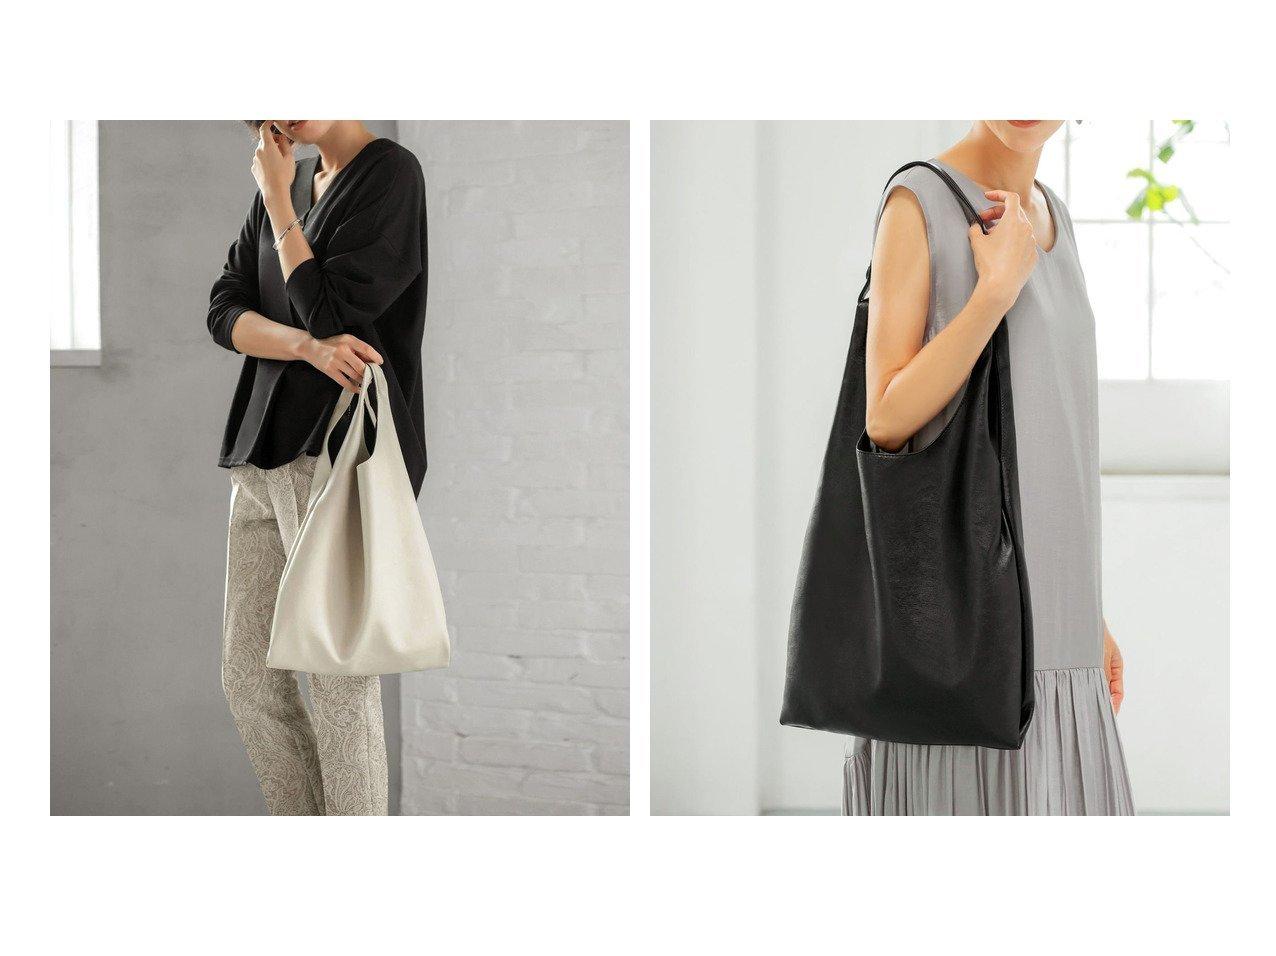 【STYLE DELI/スタイルデリ】の軽量トライアングル2WAYショルダーバッグ 【バッグ・鞄】おすすめ!人気、トレンド・レディースファッションの通販  おすすめで人気の流行・トレンド、ファッションの通販商品 インテリア・家具・メンズファッション・キッズファッション・レディースファッション・服の通販 founy(ファニー) https://founy.com/ ファッション Fashion レディースファッション WOMEN バッグ Bag クール シンプル トライアングル フォルム 軽量  ID:crp329100000062327